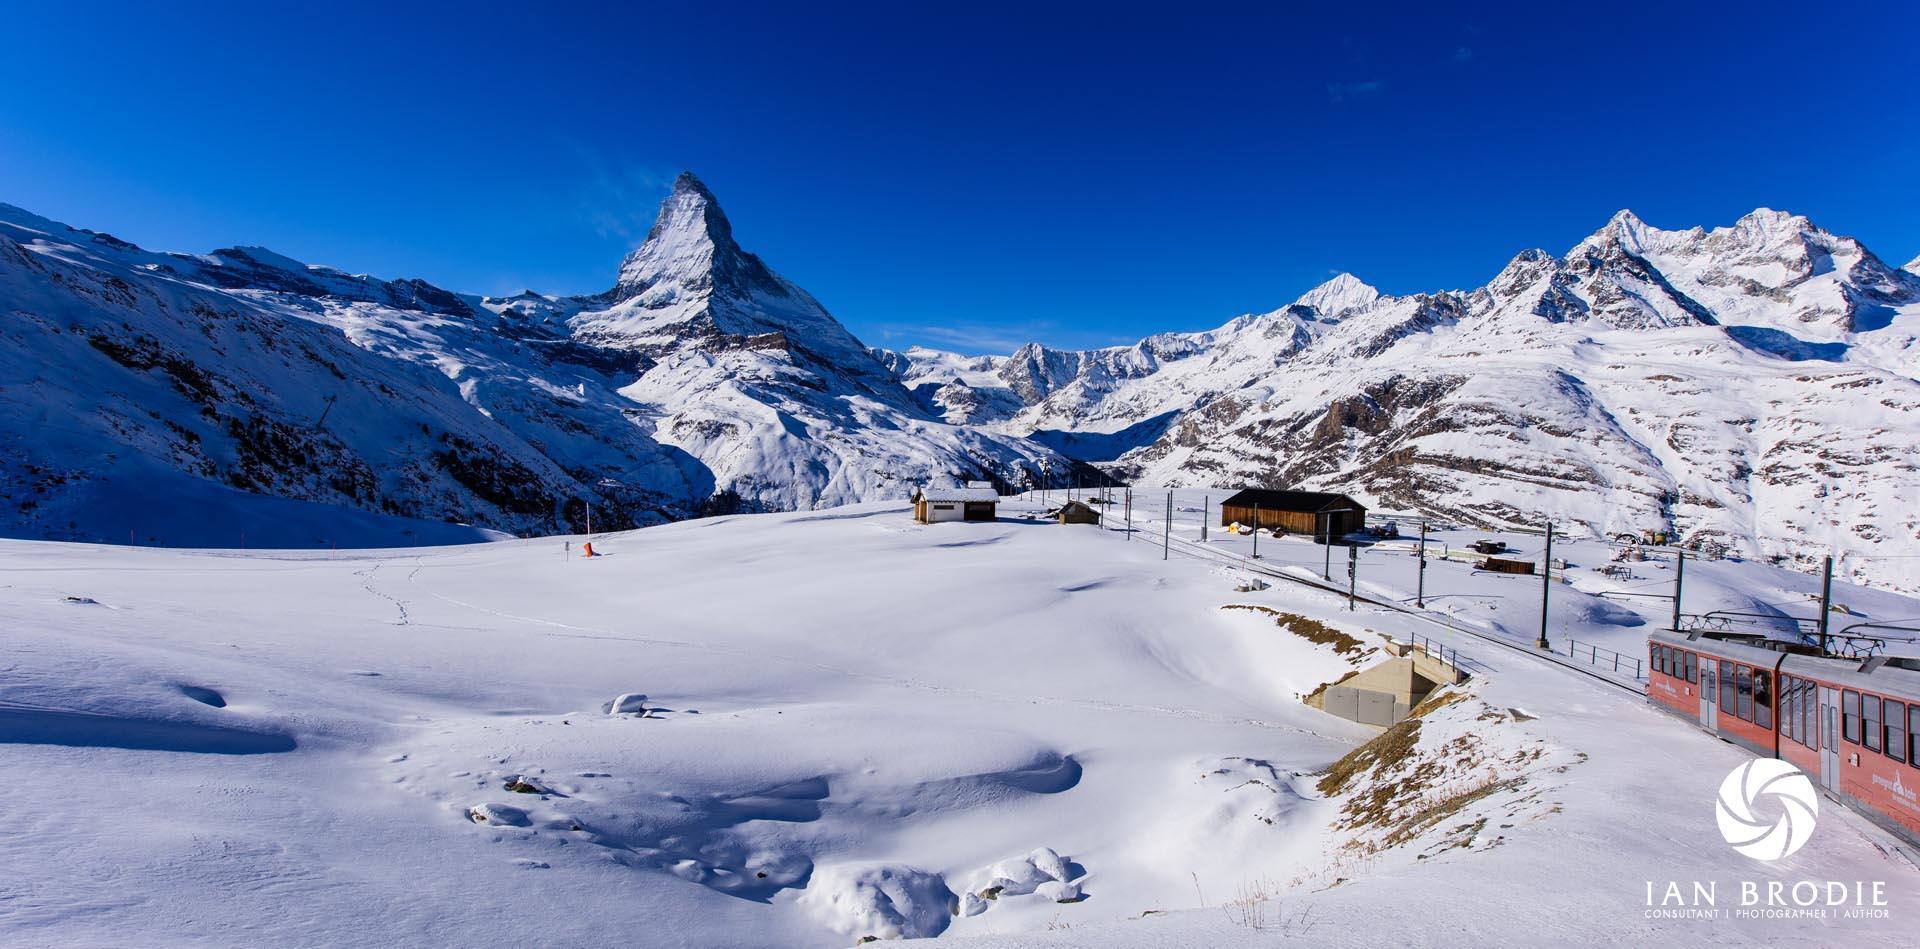 The Matterhorn from the Gornergrat Bahn.